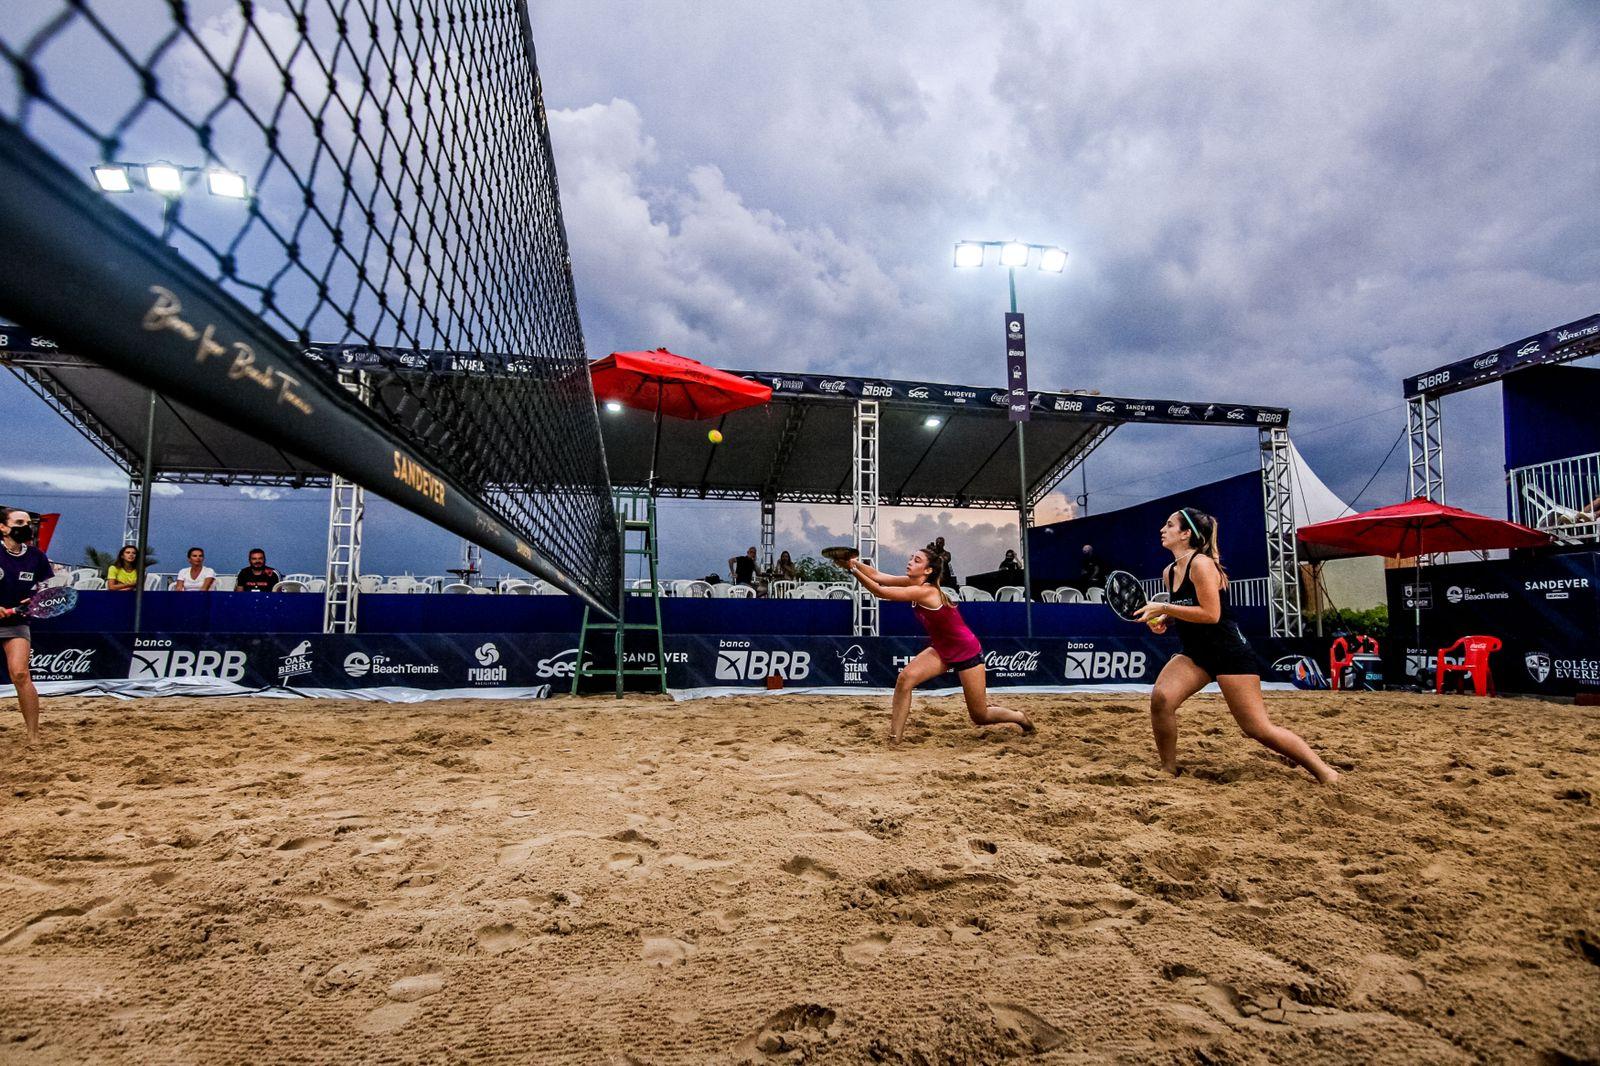 Atletas do Bandeirante se destacam em competições de Beach Tennis